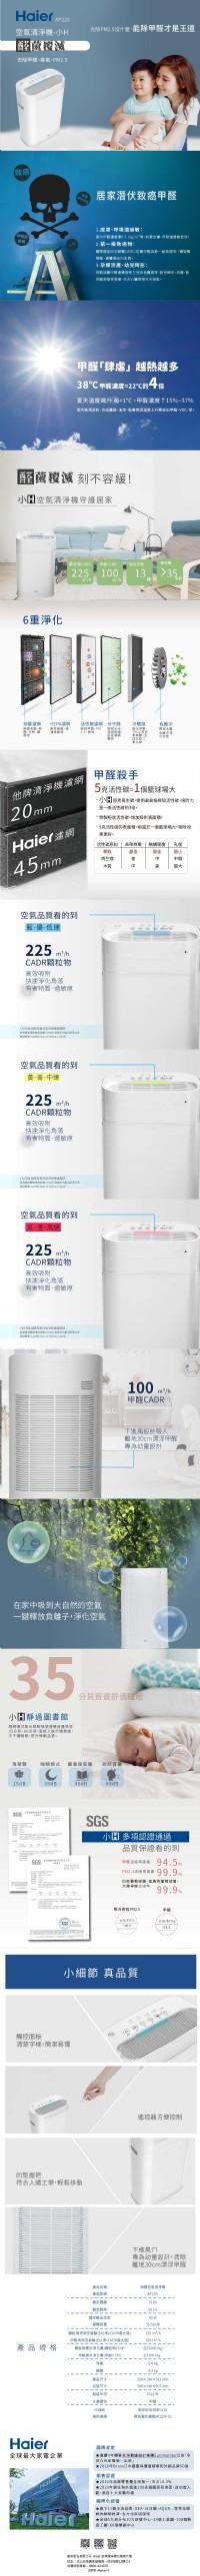 【Haier 海爾】醛效抗敏小H空氣清淨機 AP225(加贈濾網)(3/30前下單加贈福皂禮盒)_圖片(2)